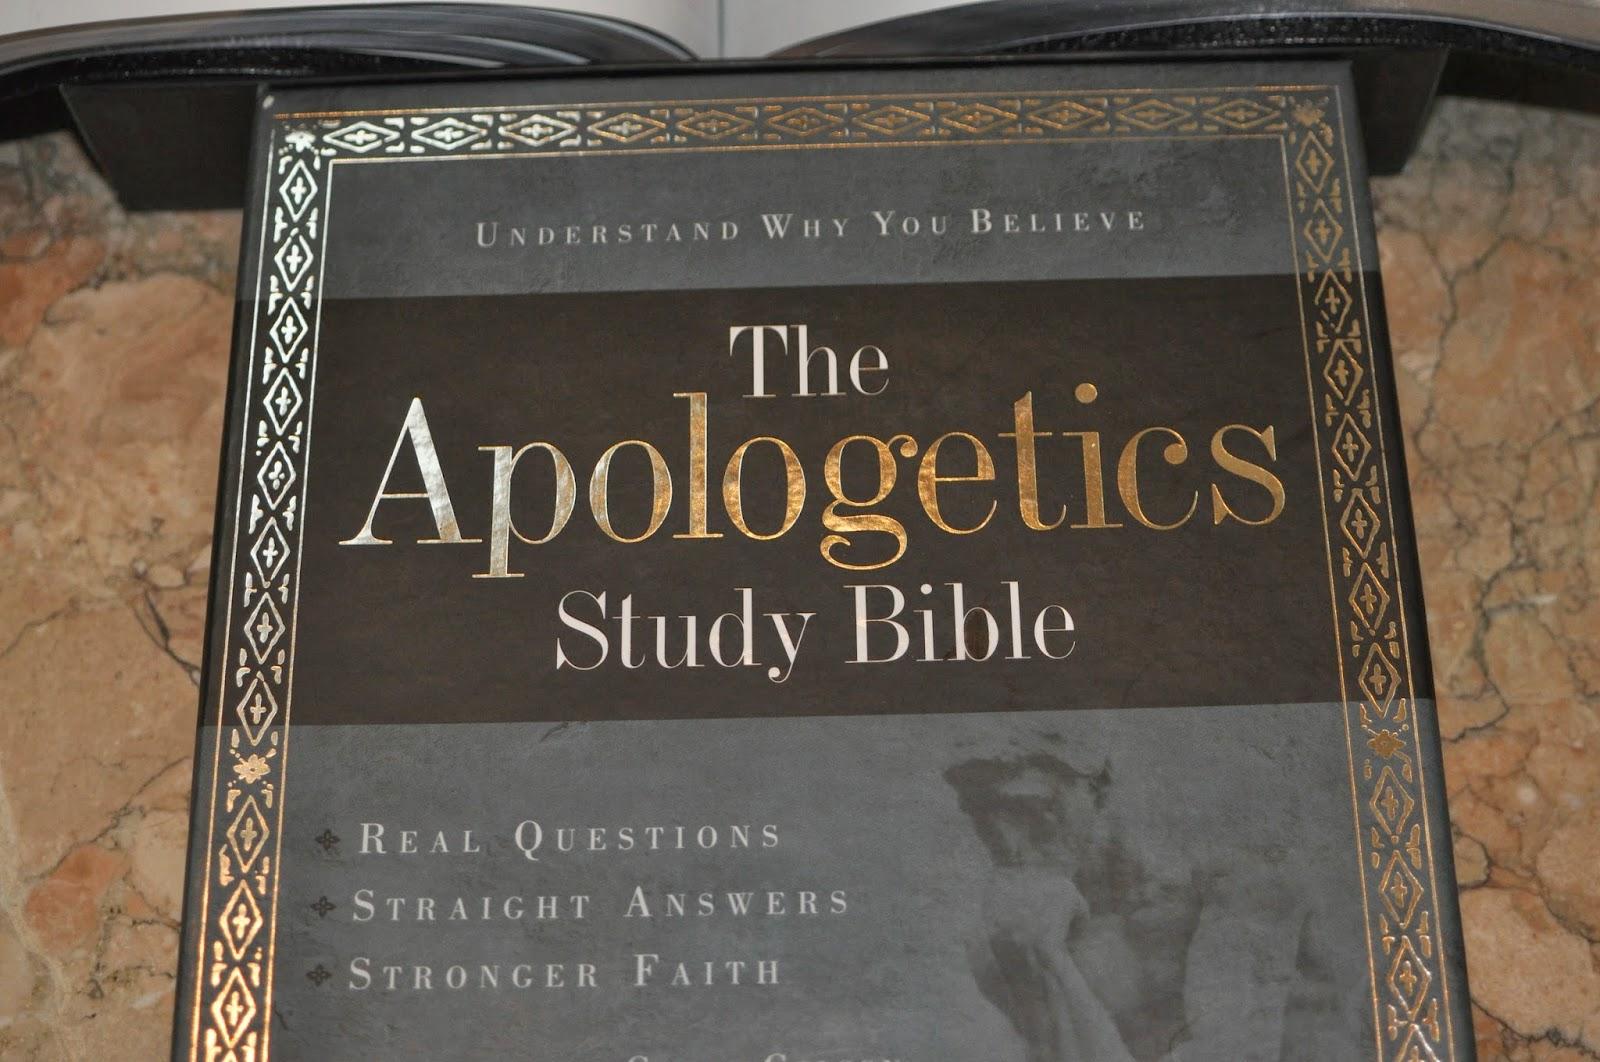 Bible Apologetics - Christian Study - Christian Living, Trivia